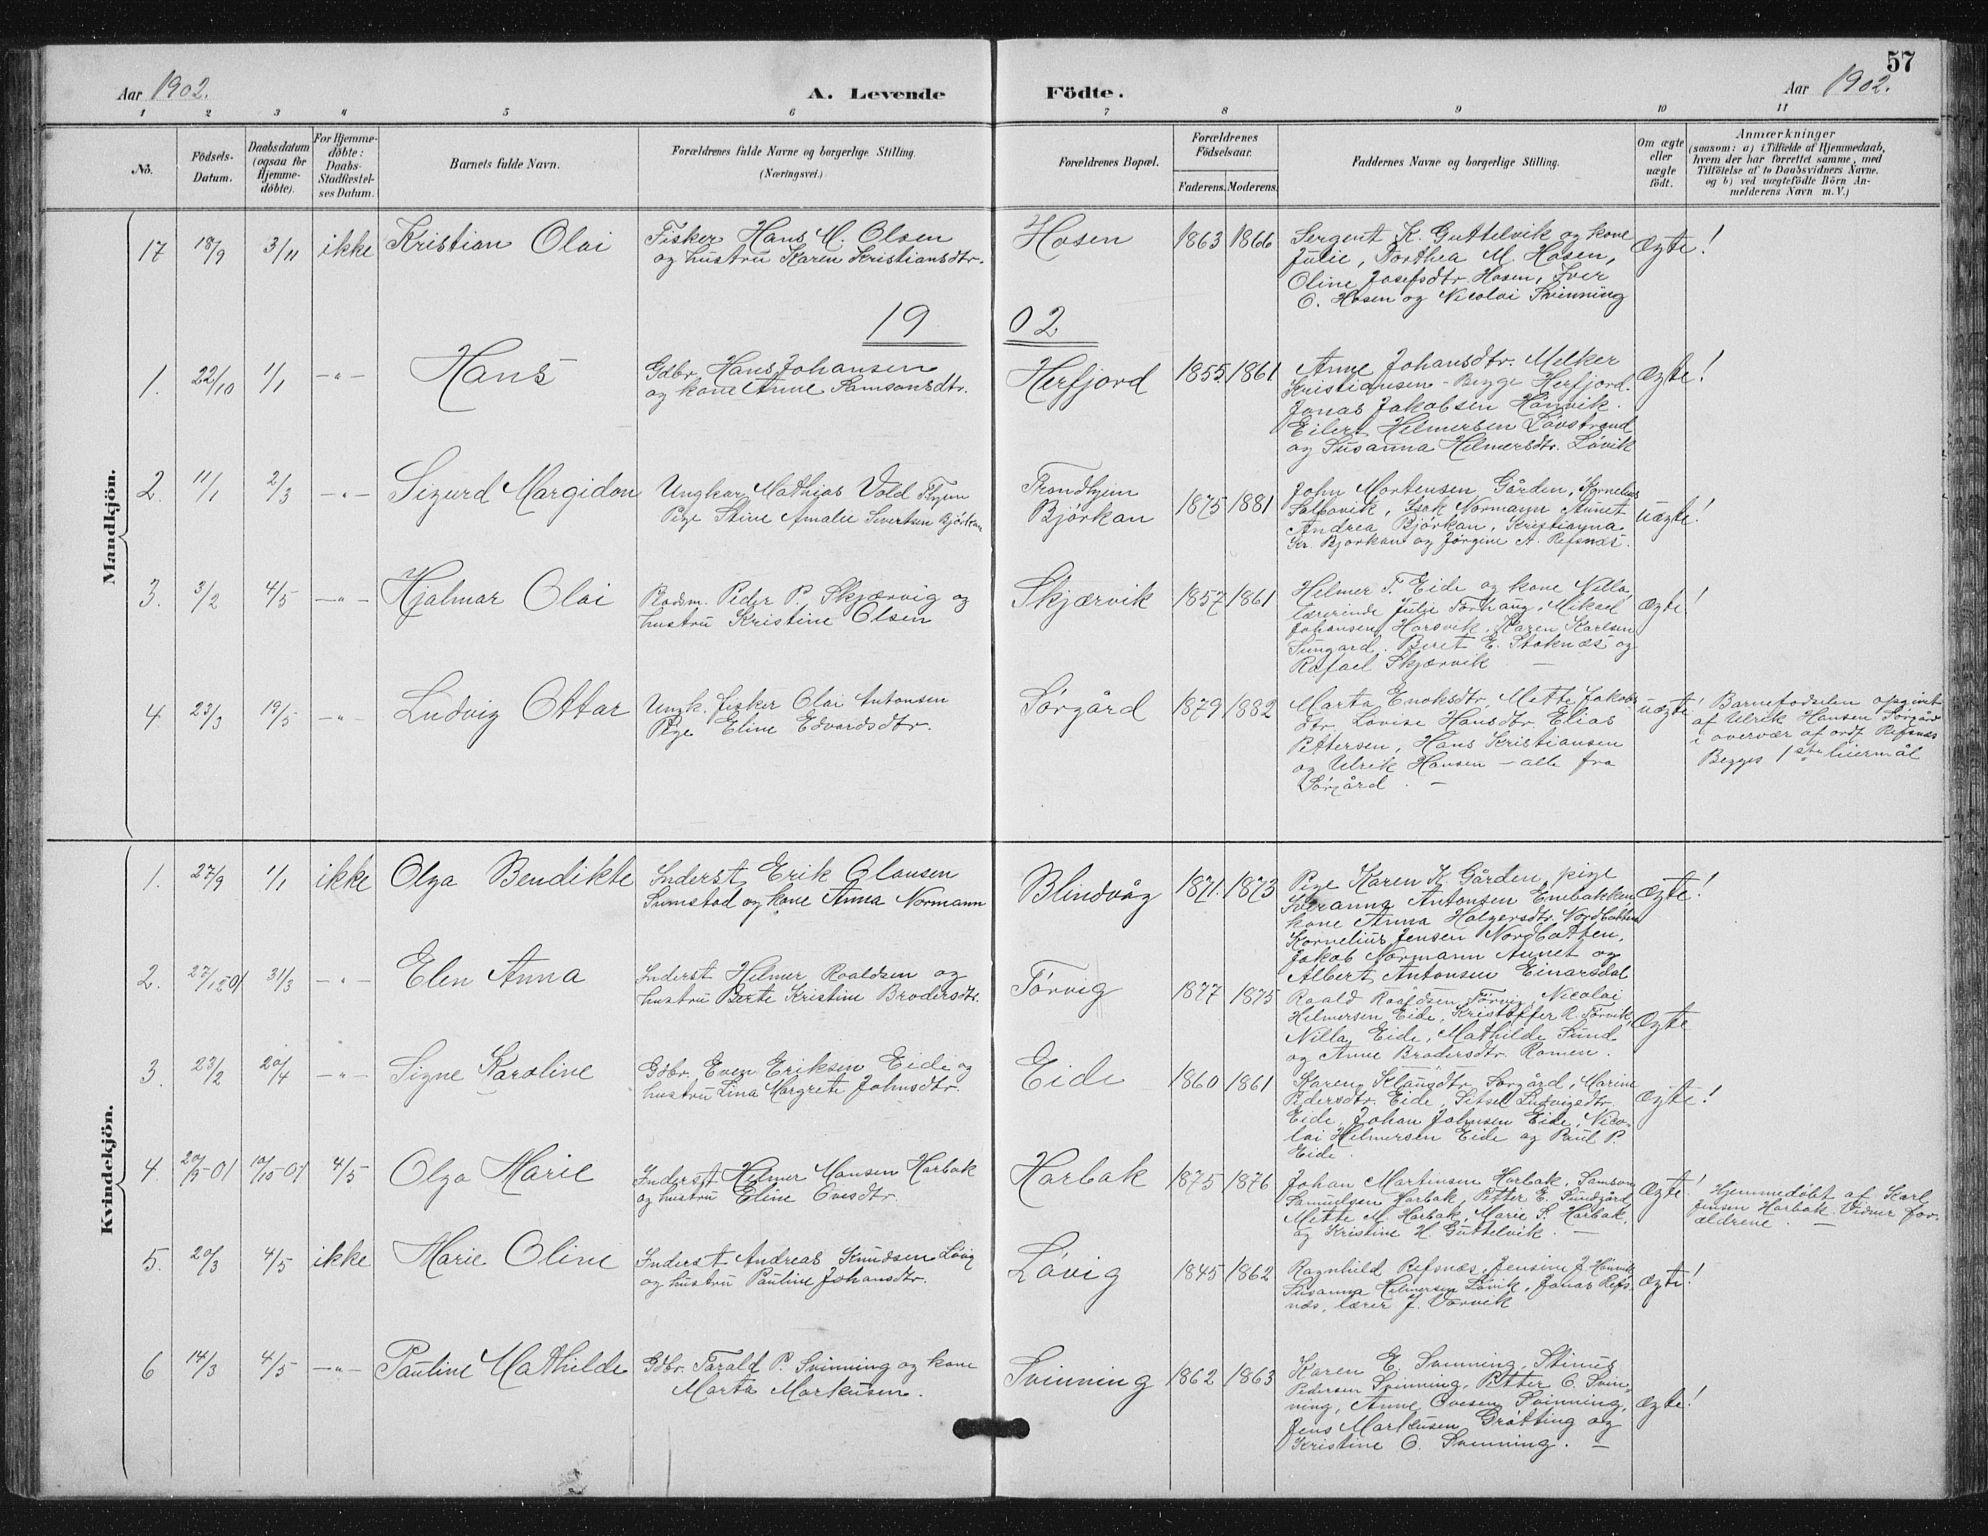 SAT, Ministerialprotokoller, klokkerbøker og fødselsregistre - Sør-Trøndelag, 656/L0698: Klokkerbok nr. 656C04, 1890-1904, s. 57